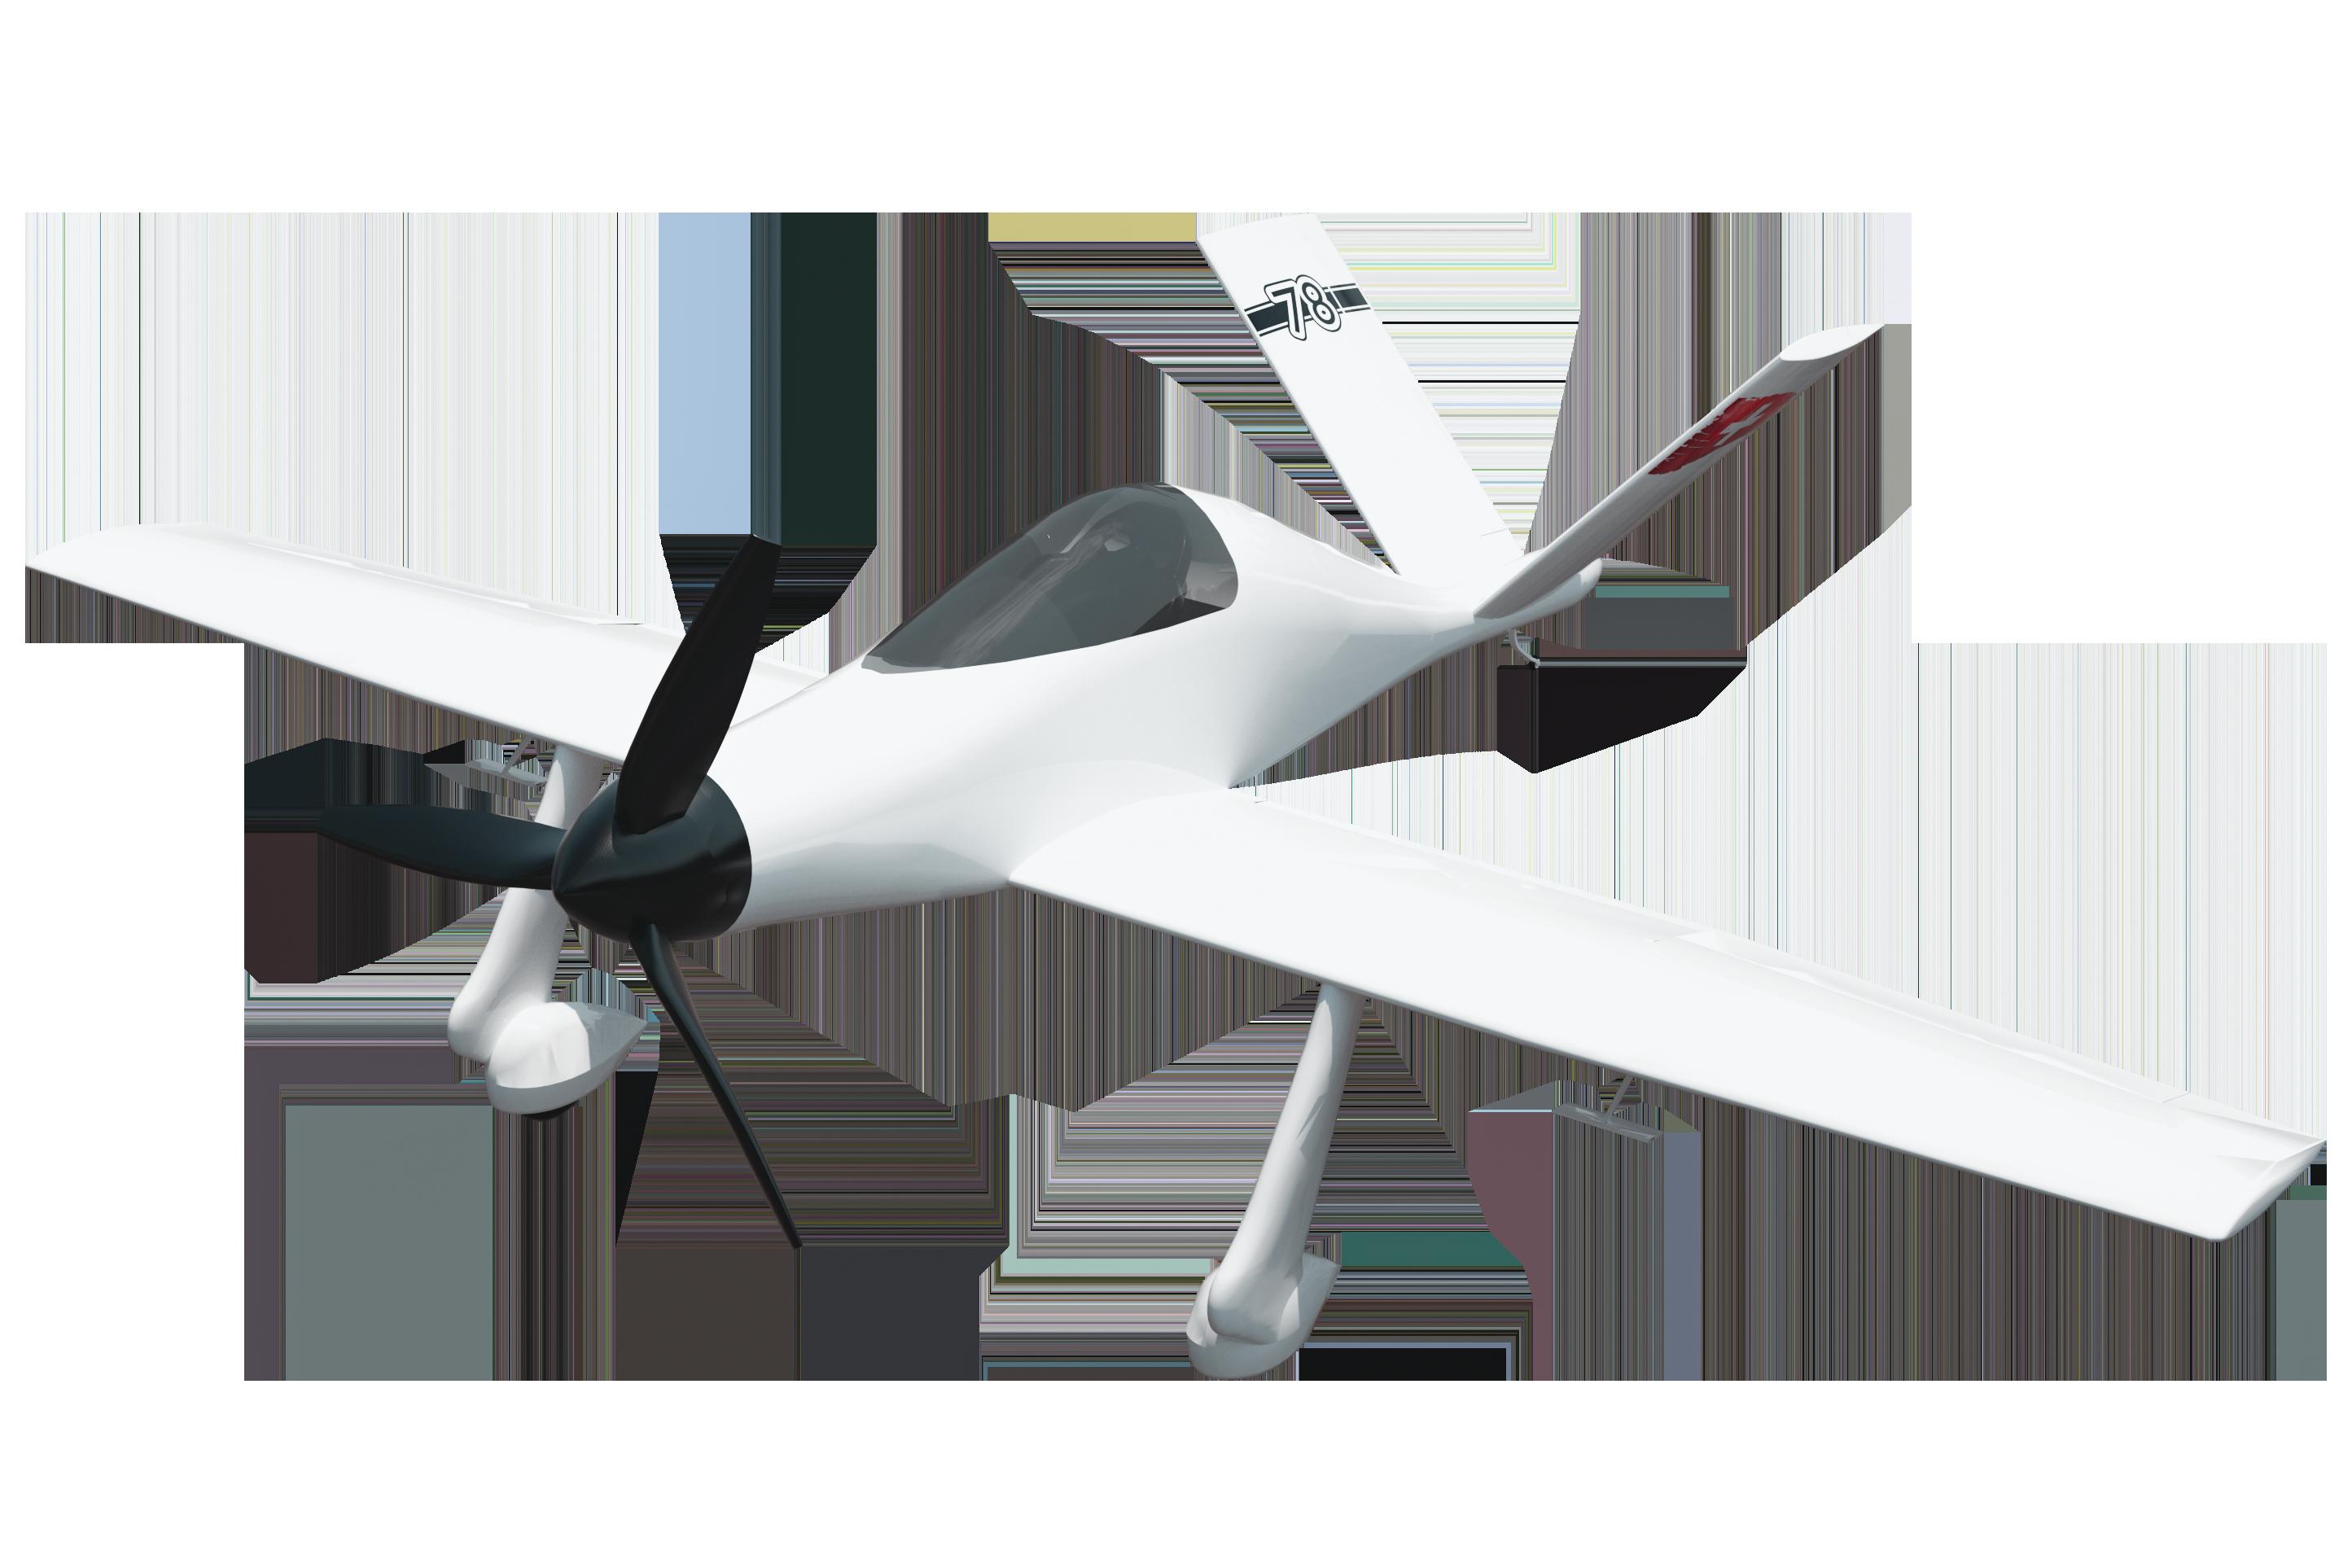 Vue 3/4 de l'avion de course suisse électrique UR-1